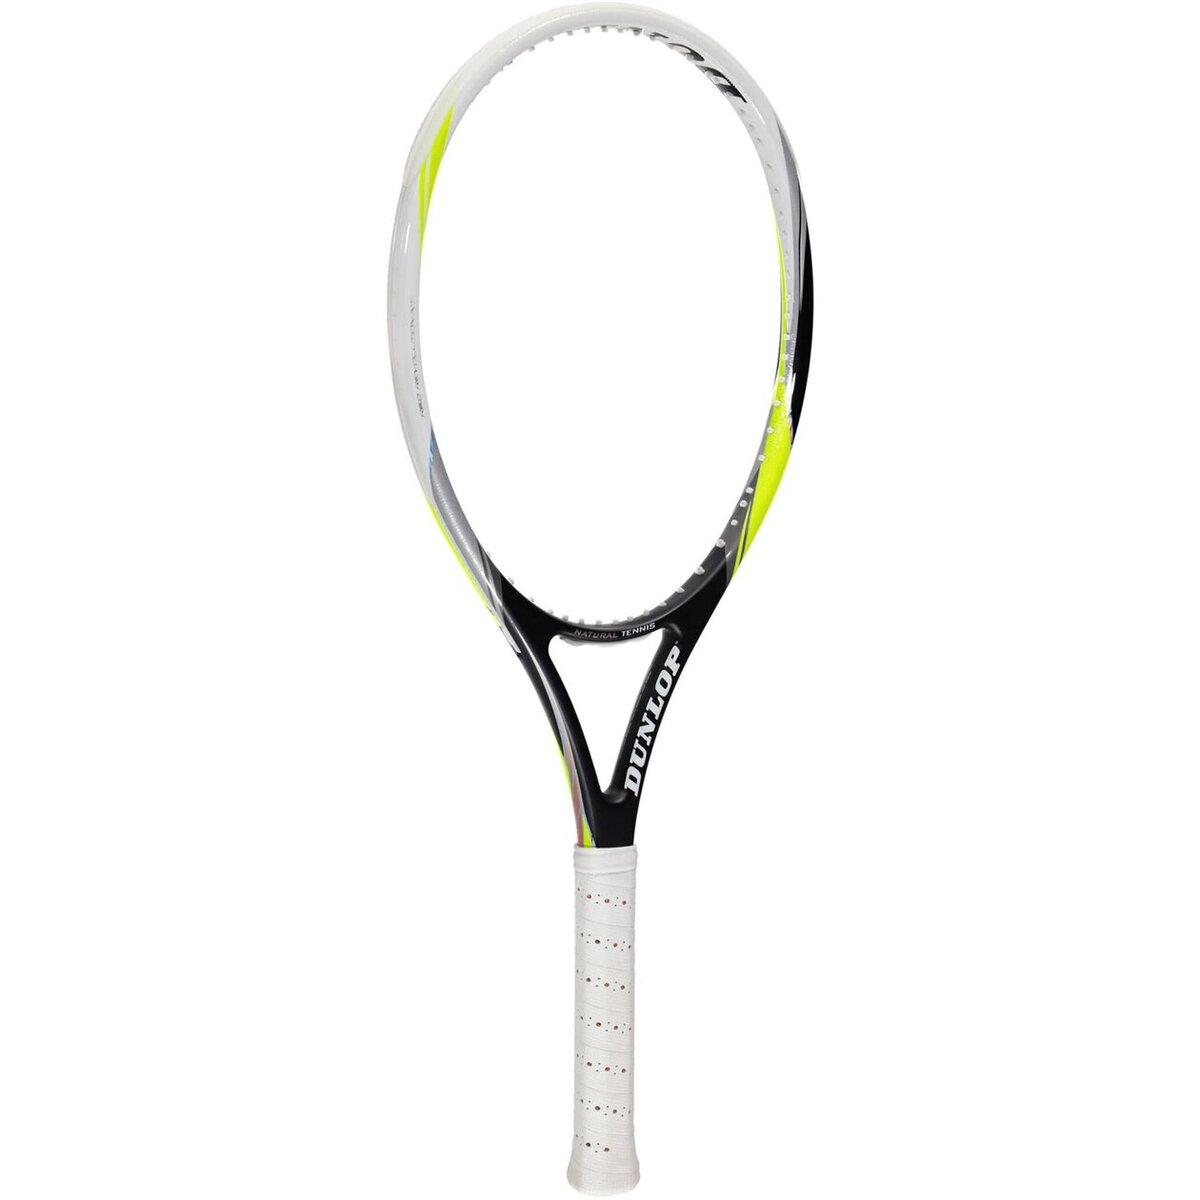 Bild 4 von DUNLOP Tennisschläger R6.0 Revolution NT - unbesaitet